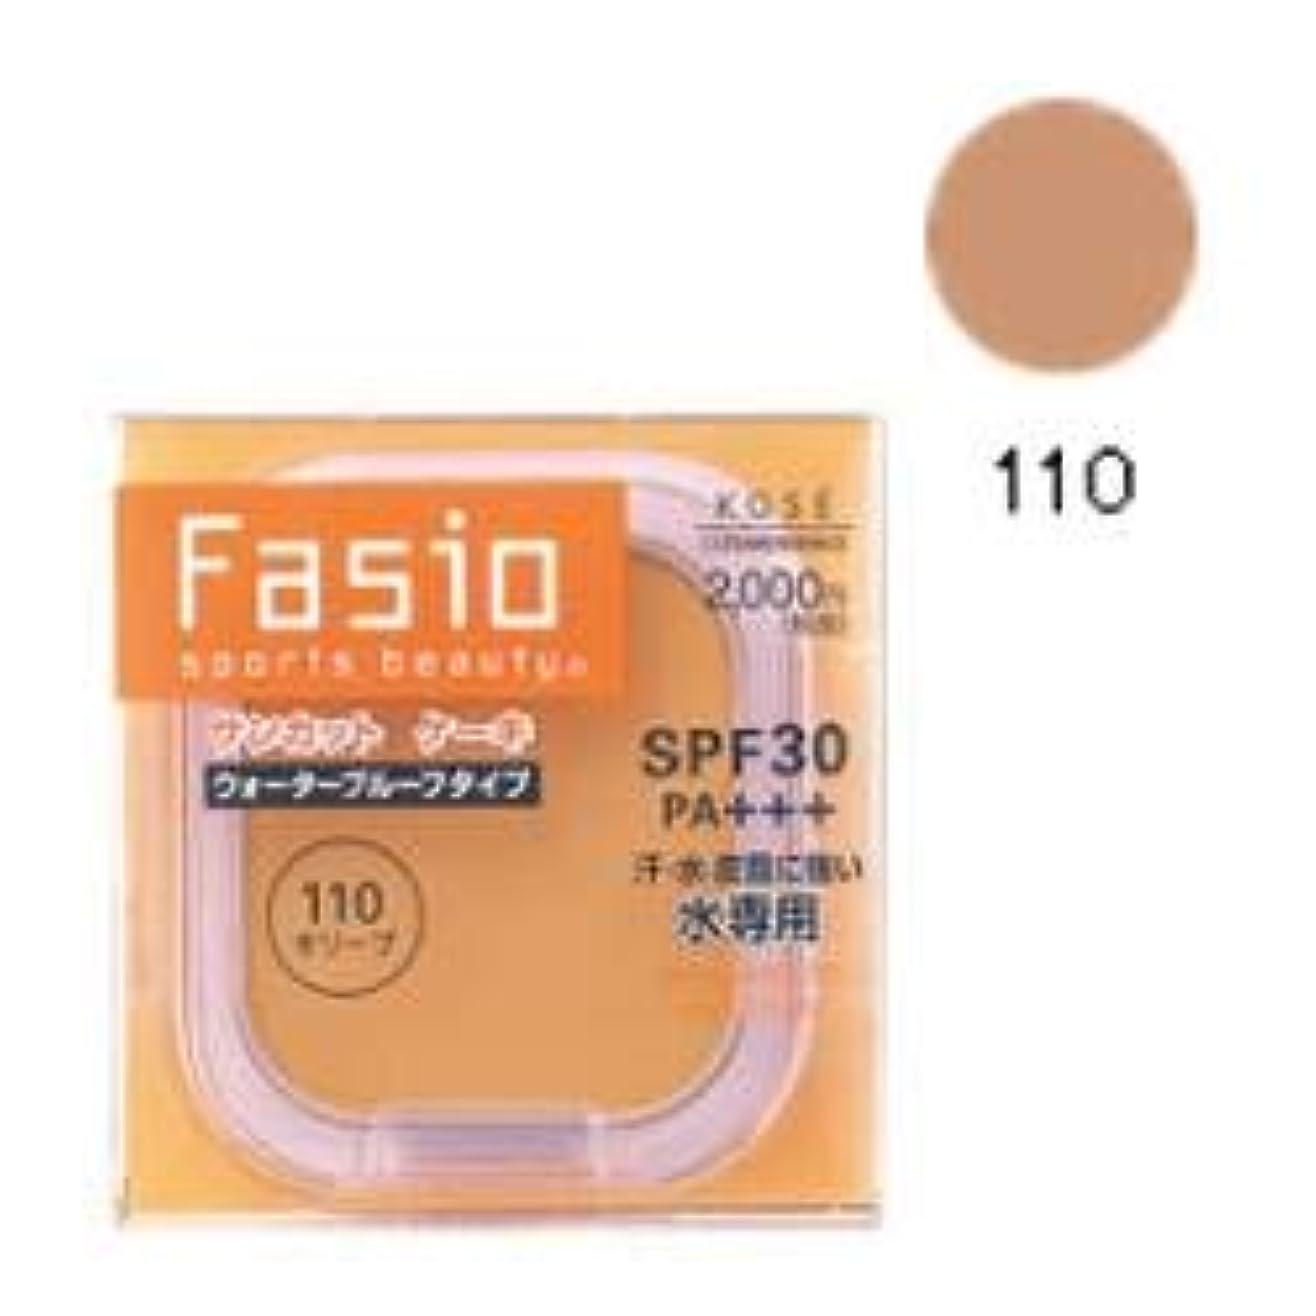 銃バンジージャンプ機械的にコーセー Fasio ファシオ サンカット ケーキ 詰め替え用 110